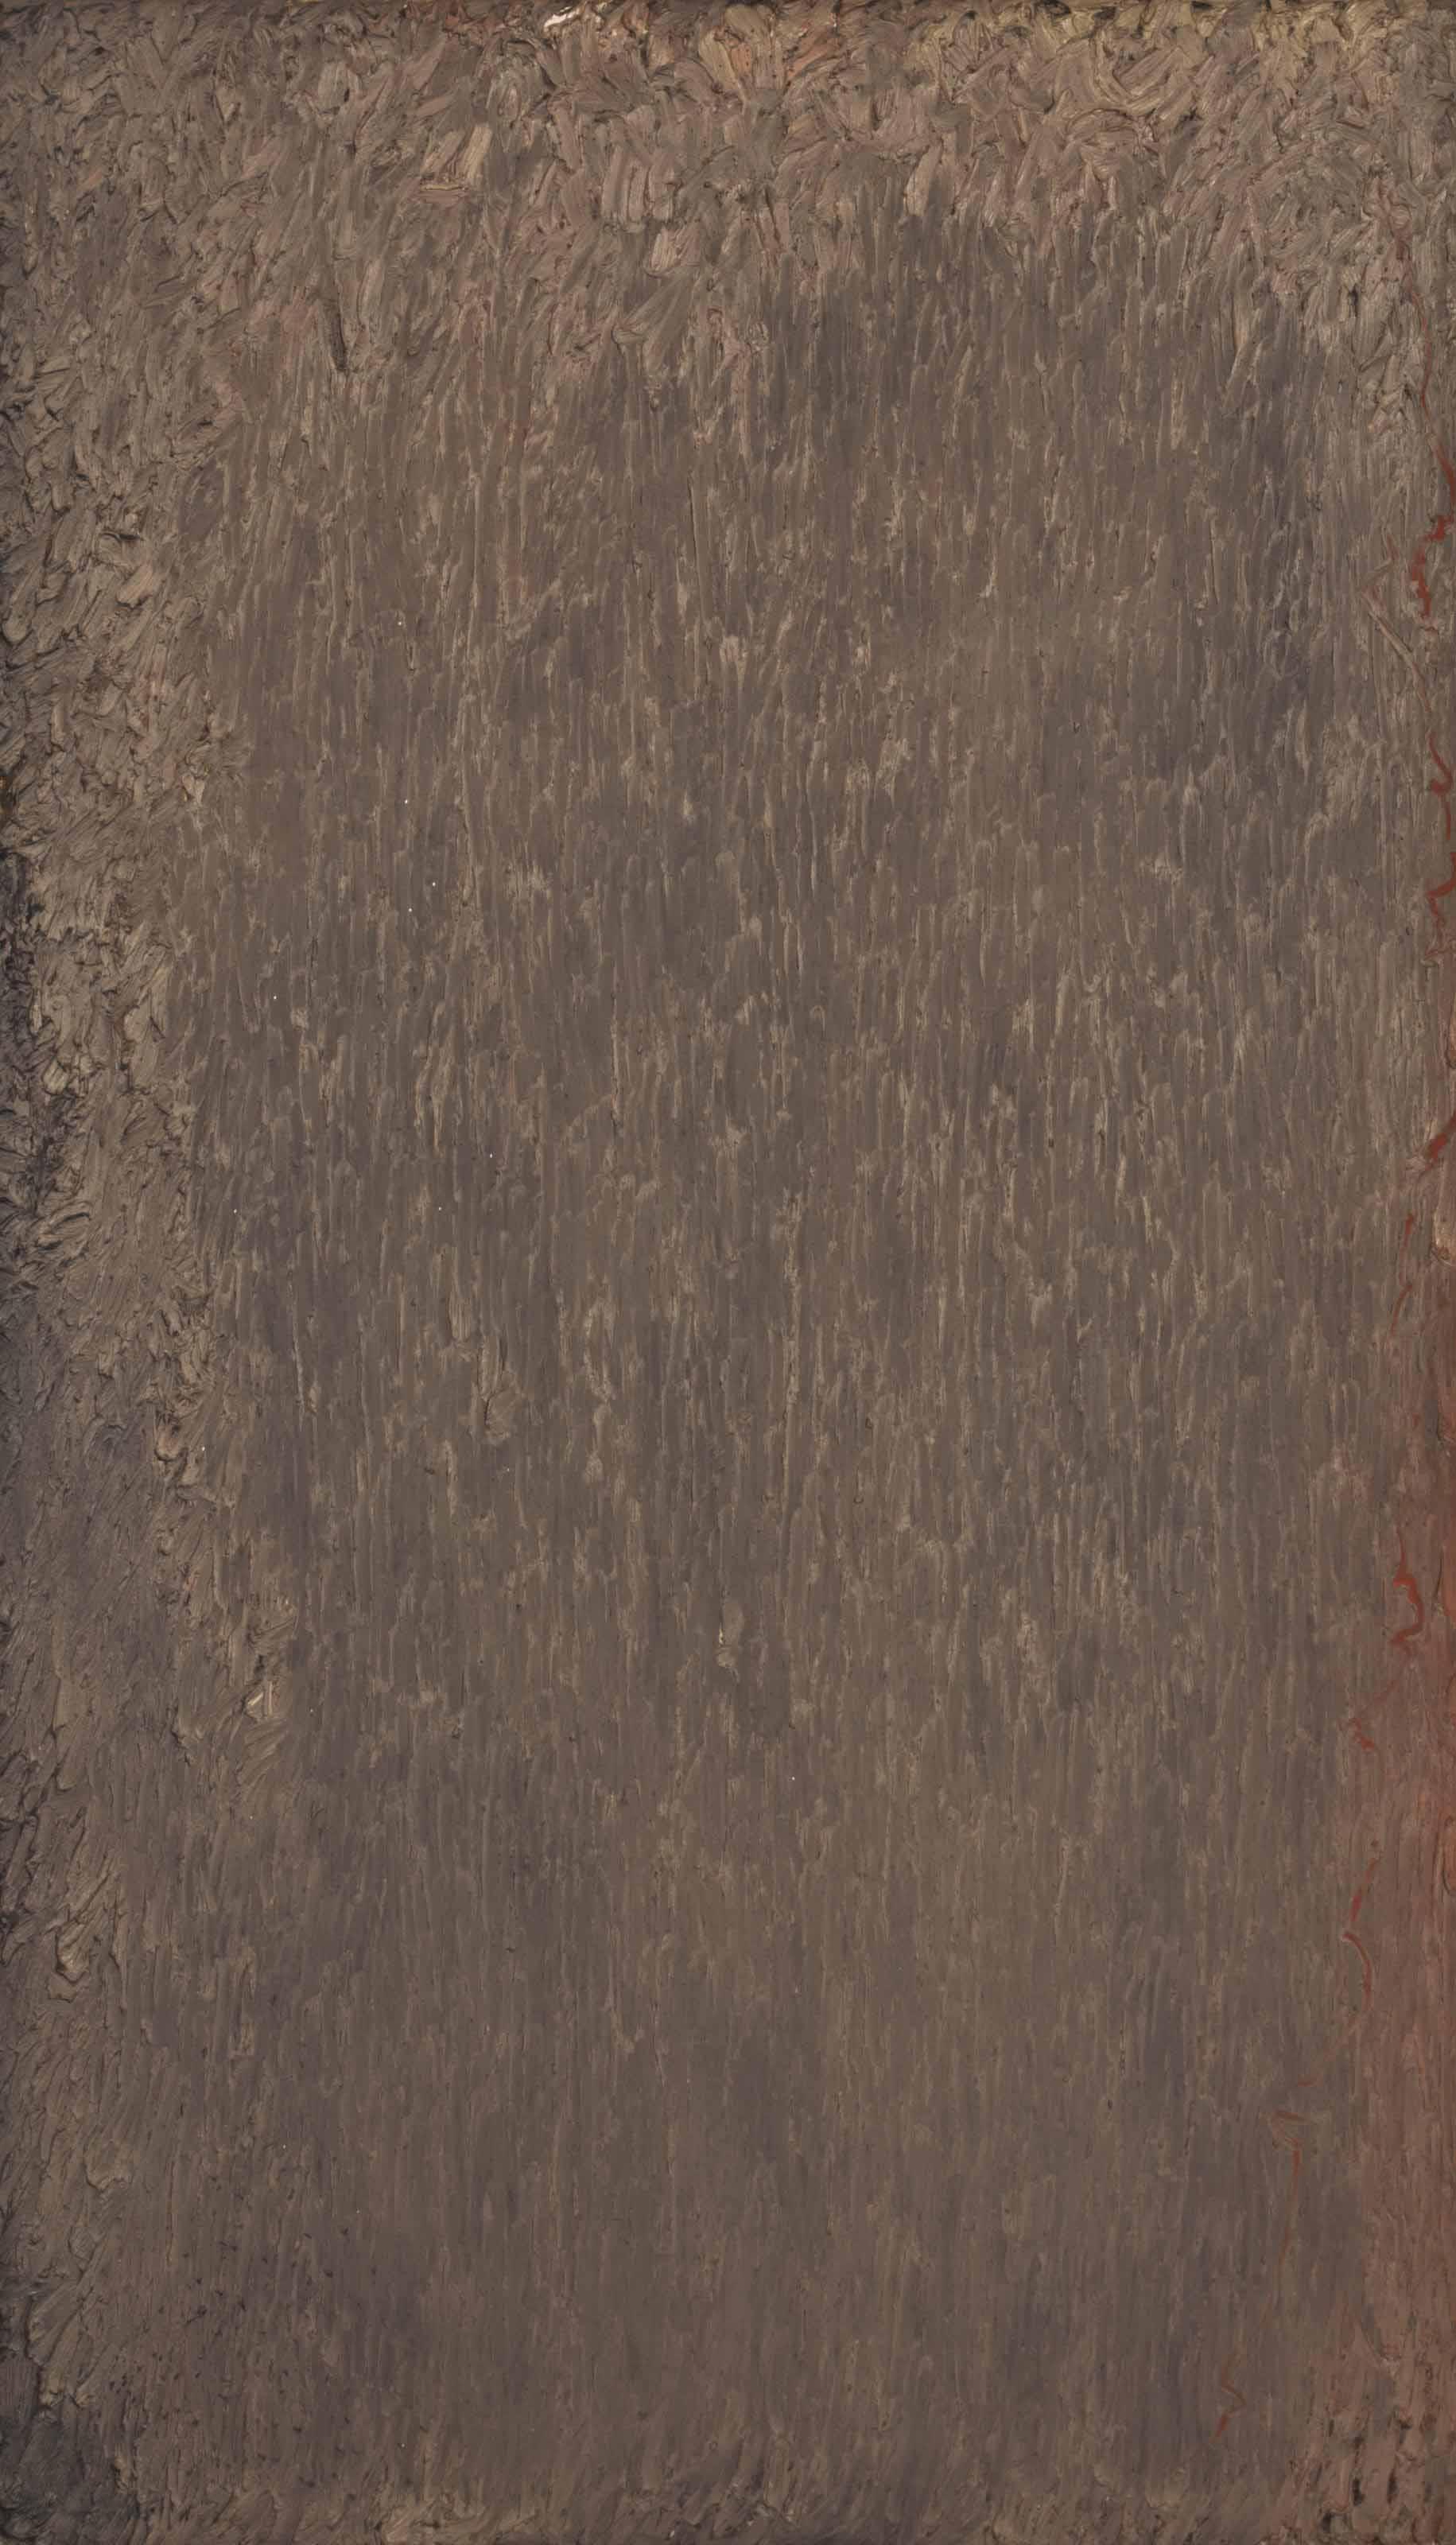 Slippedsurgeplushedtobrimming